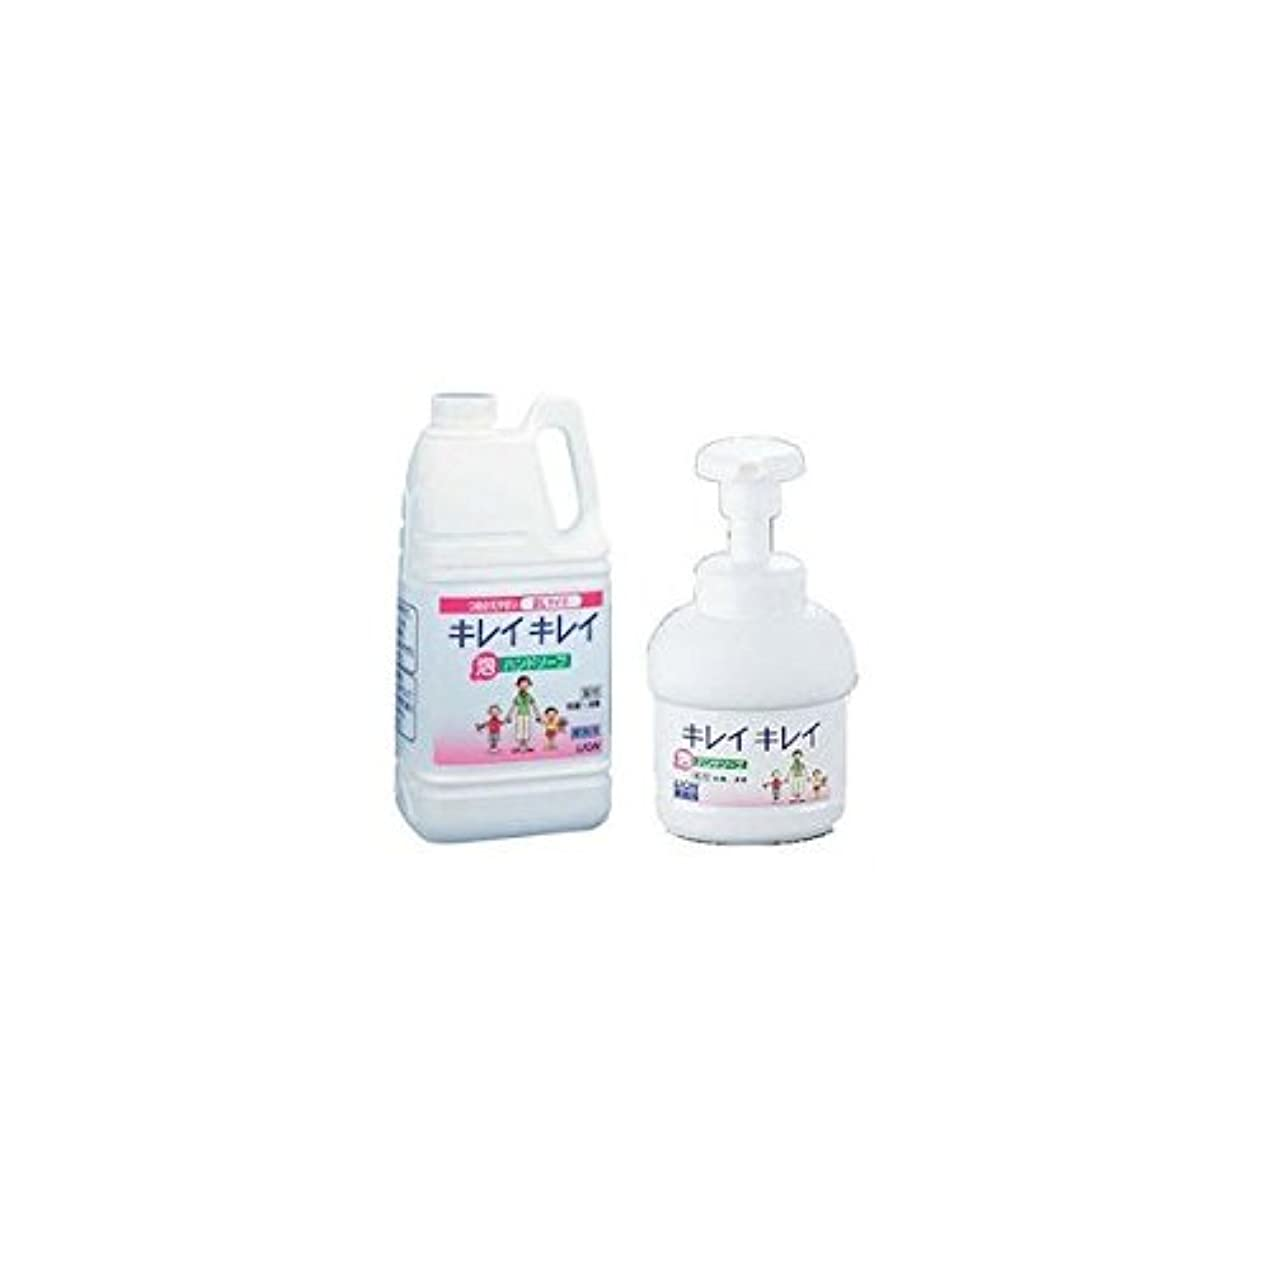 かんたんドラゴン洗うライオン キレイキレイ薬用泡ハンドソープ 2L(250MLポンプ付) 【品番】JHV2501